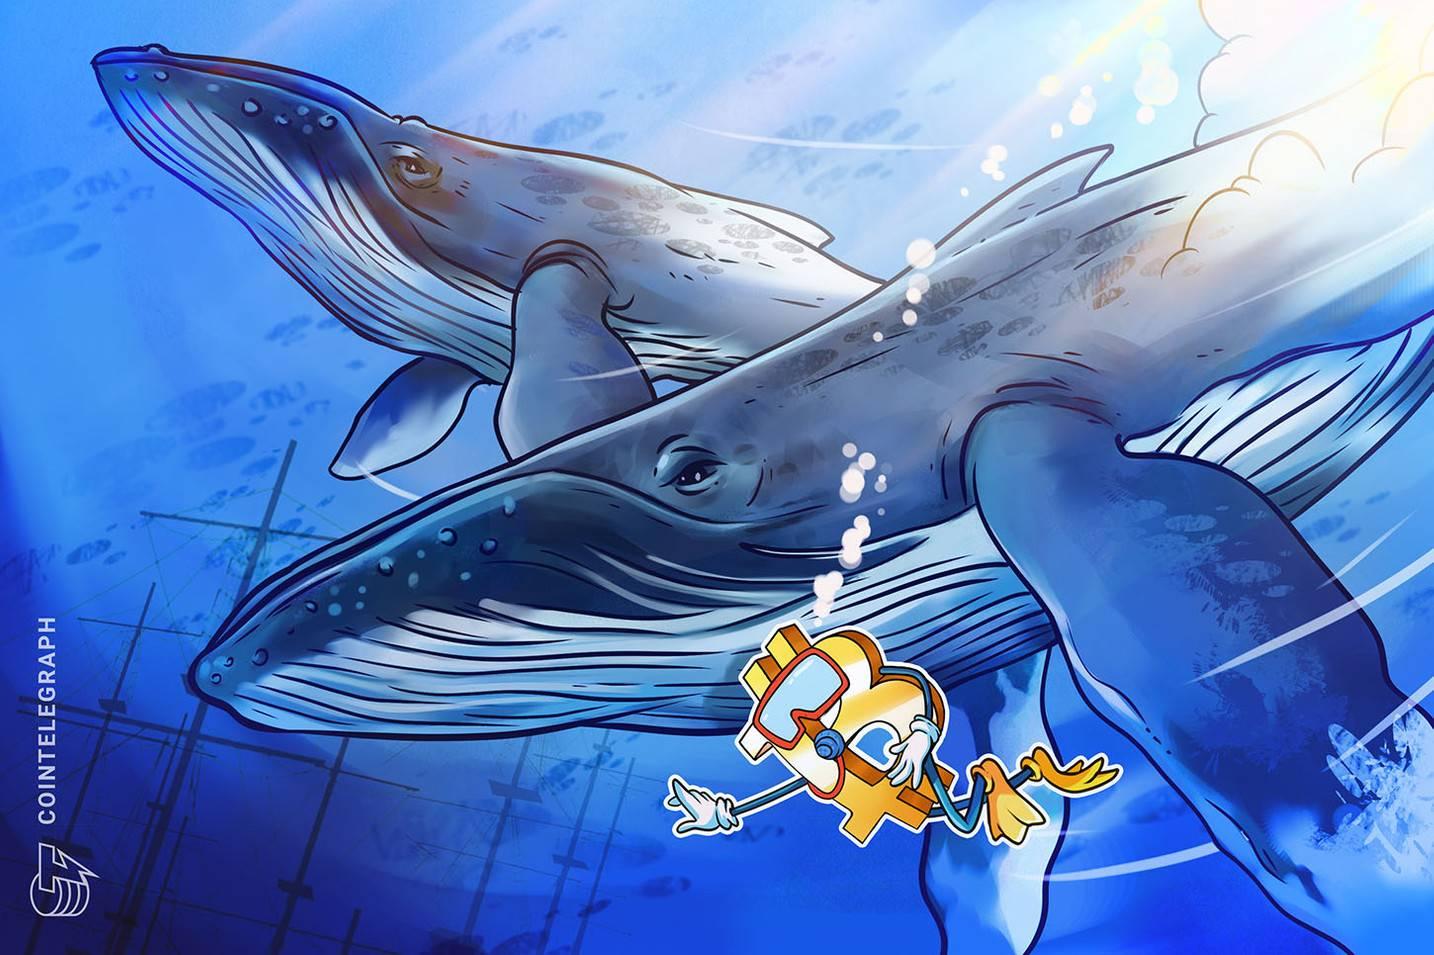 鲸鱼集群分析丨比特币正处于暴风雨来临前的平静